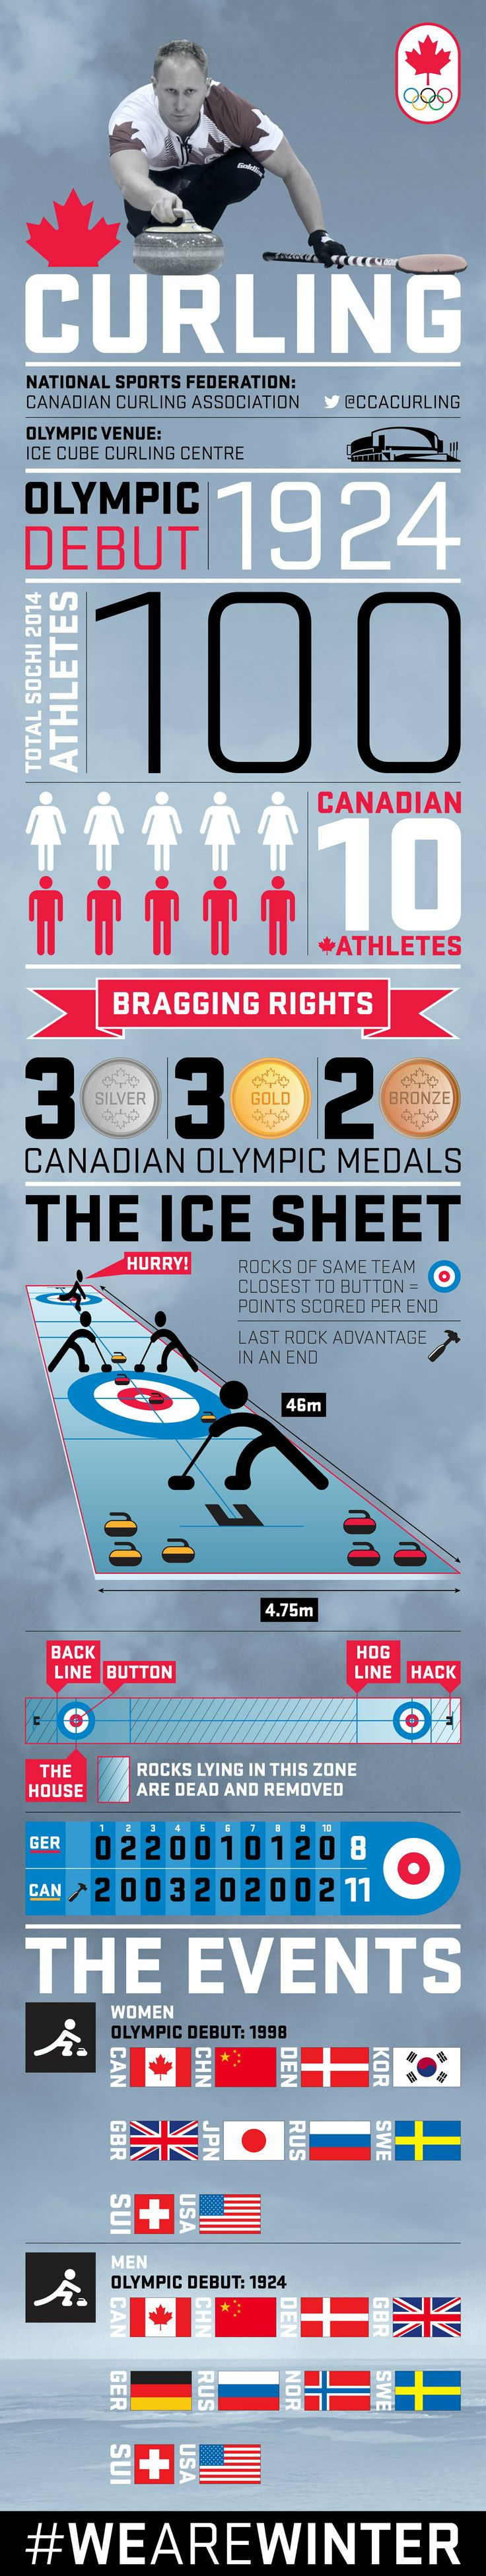 infographic_curling_EN